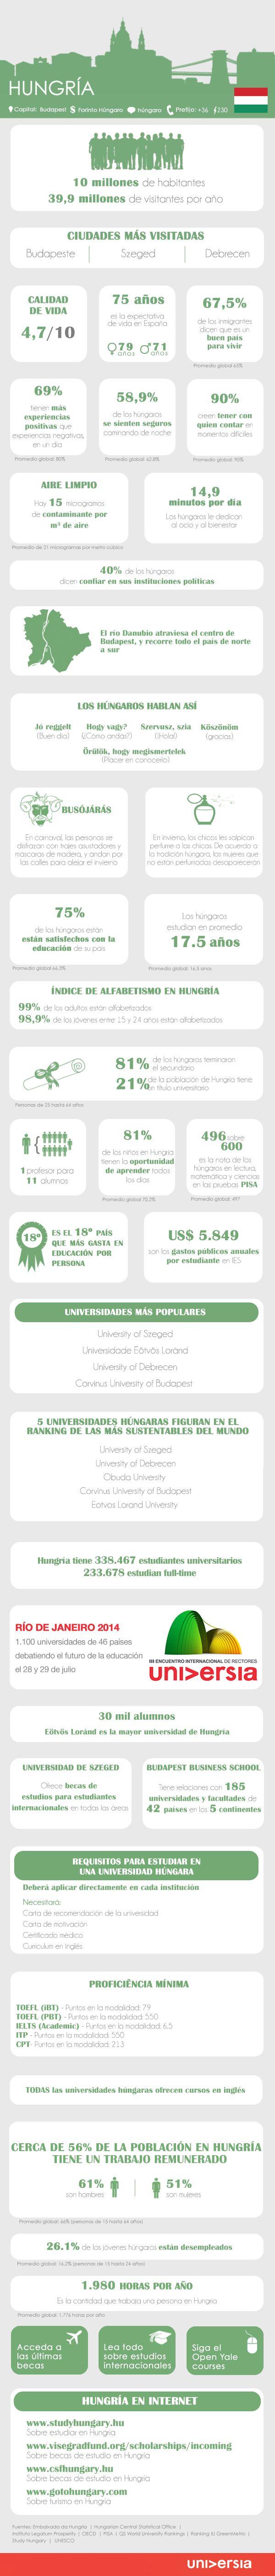 Infografía: conoce más de 30 datos útiles para estudiar o trabajar en Hungría vía: http://noticias.universia.es #emigracion